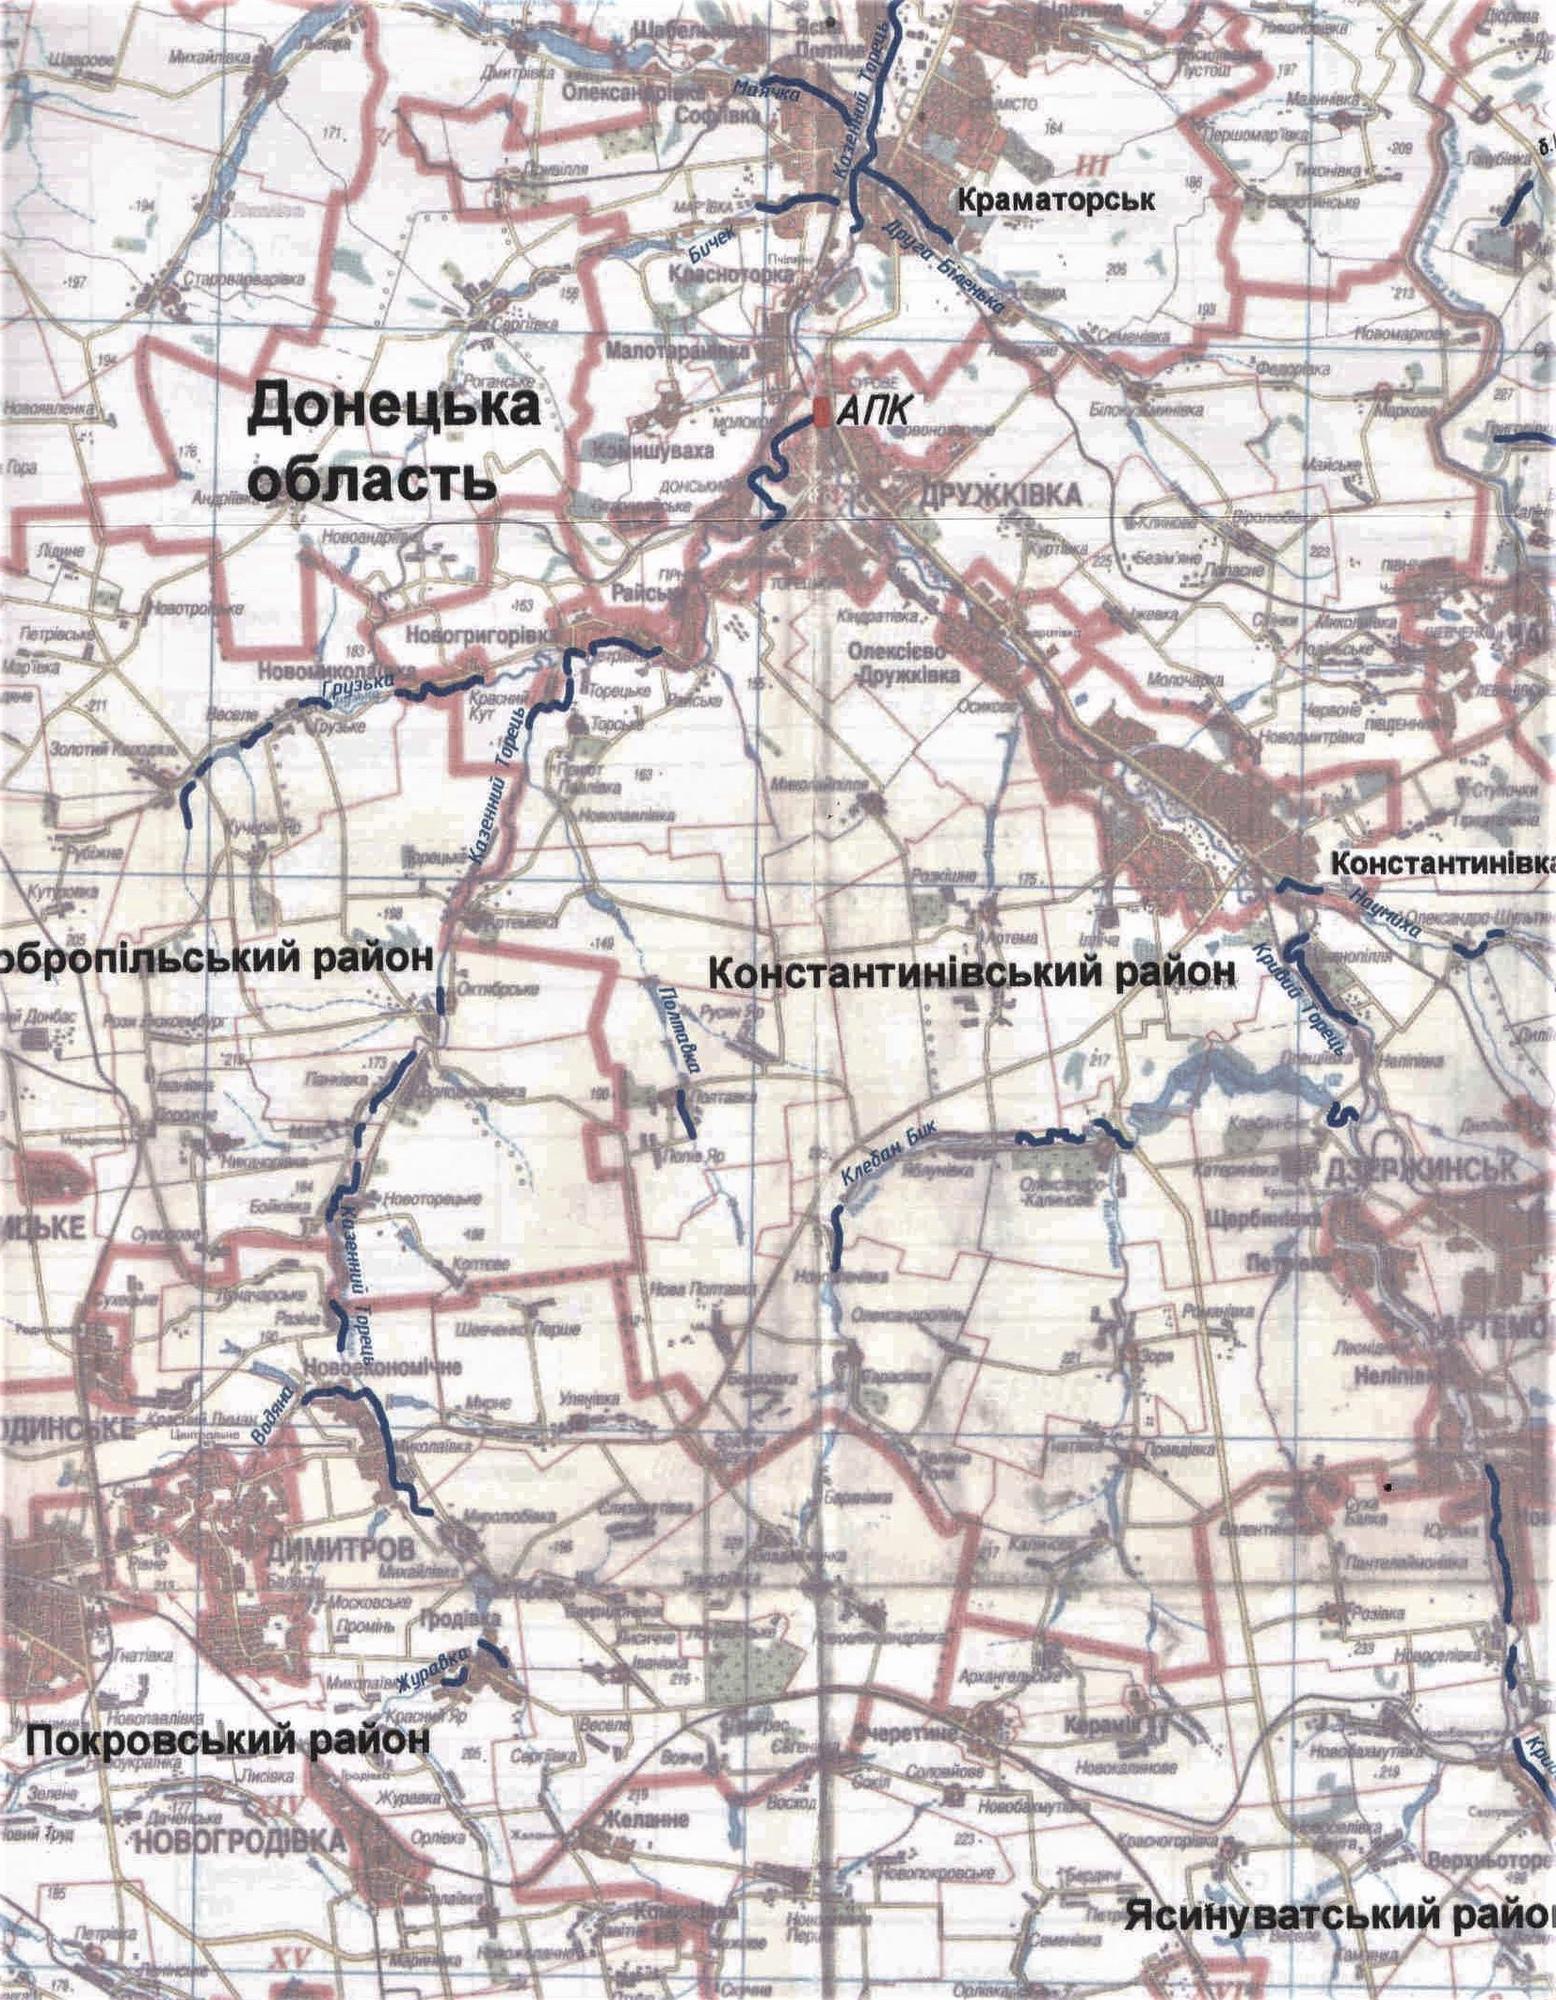 розчистка ріки Казенний Торець мапа карта Донецької області